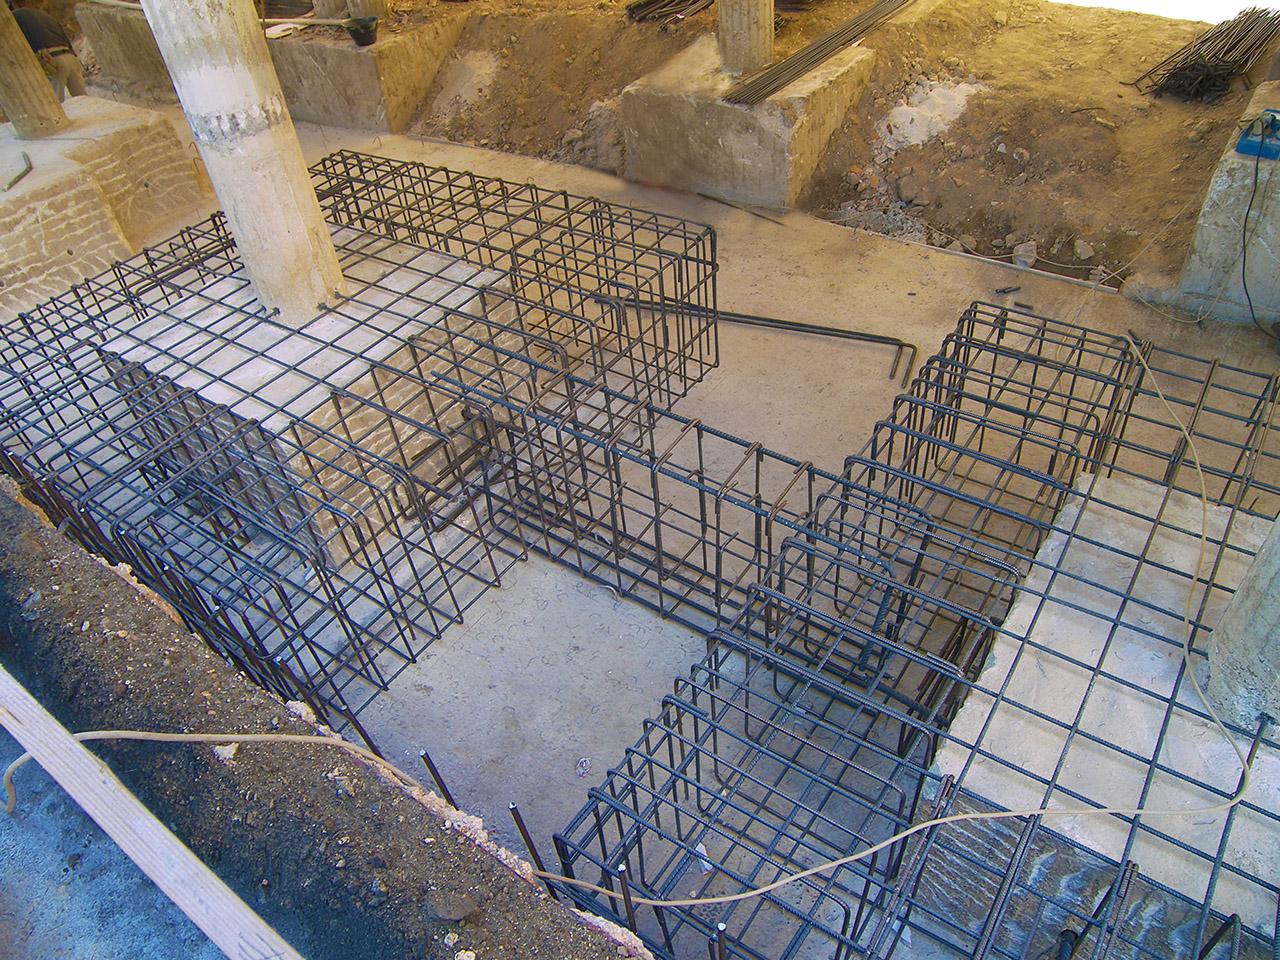 costruzioni restauri sirio ostuni Consolidamento strutturale fondazioni suglia passeri rutigliano 5